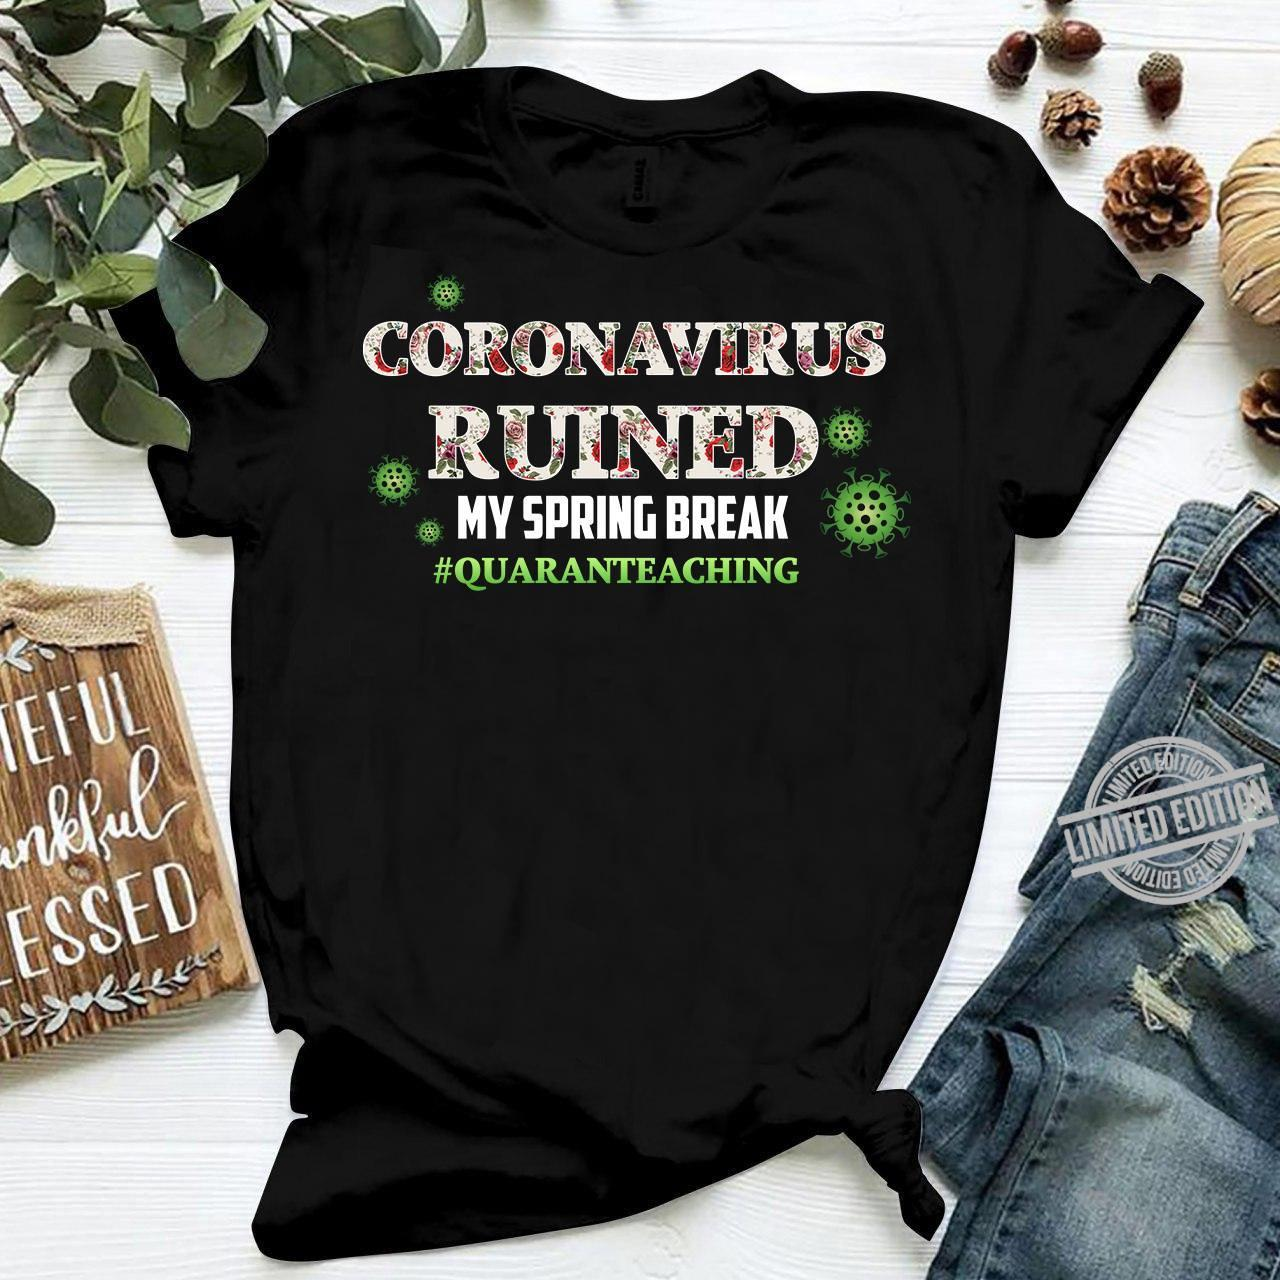 Coronavirus Ruined My Spring Break Quarantraching Shirt